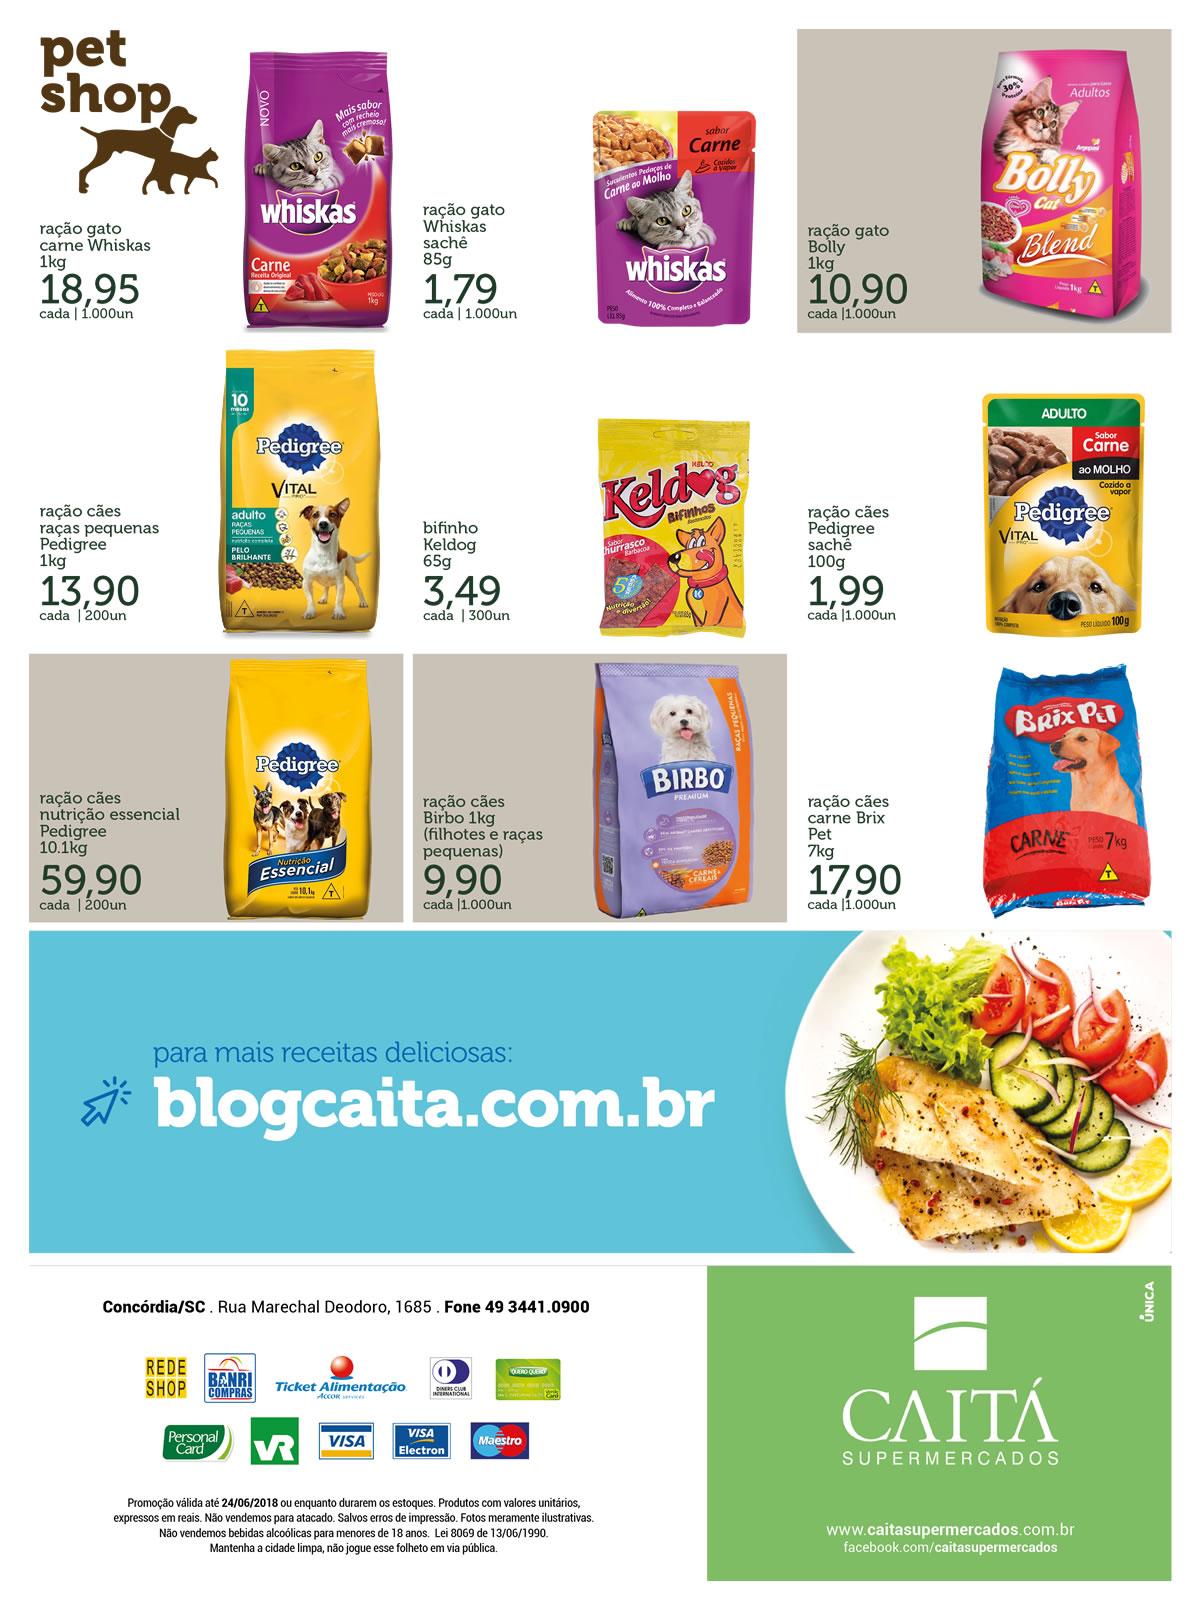 caita_supermercados_tabloide_junho2018_concordia20